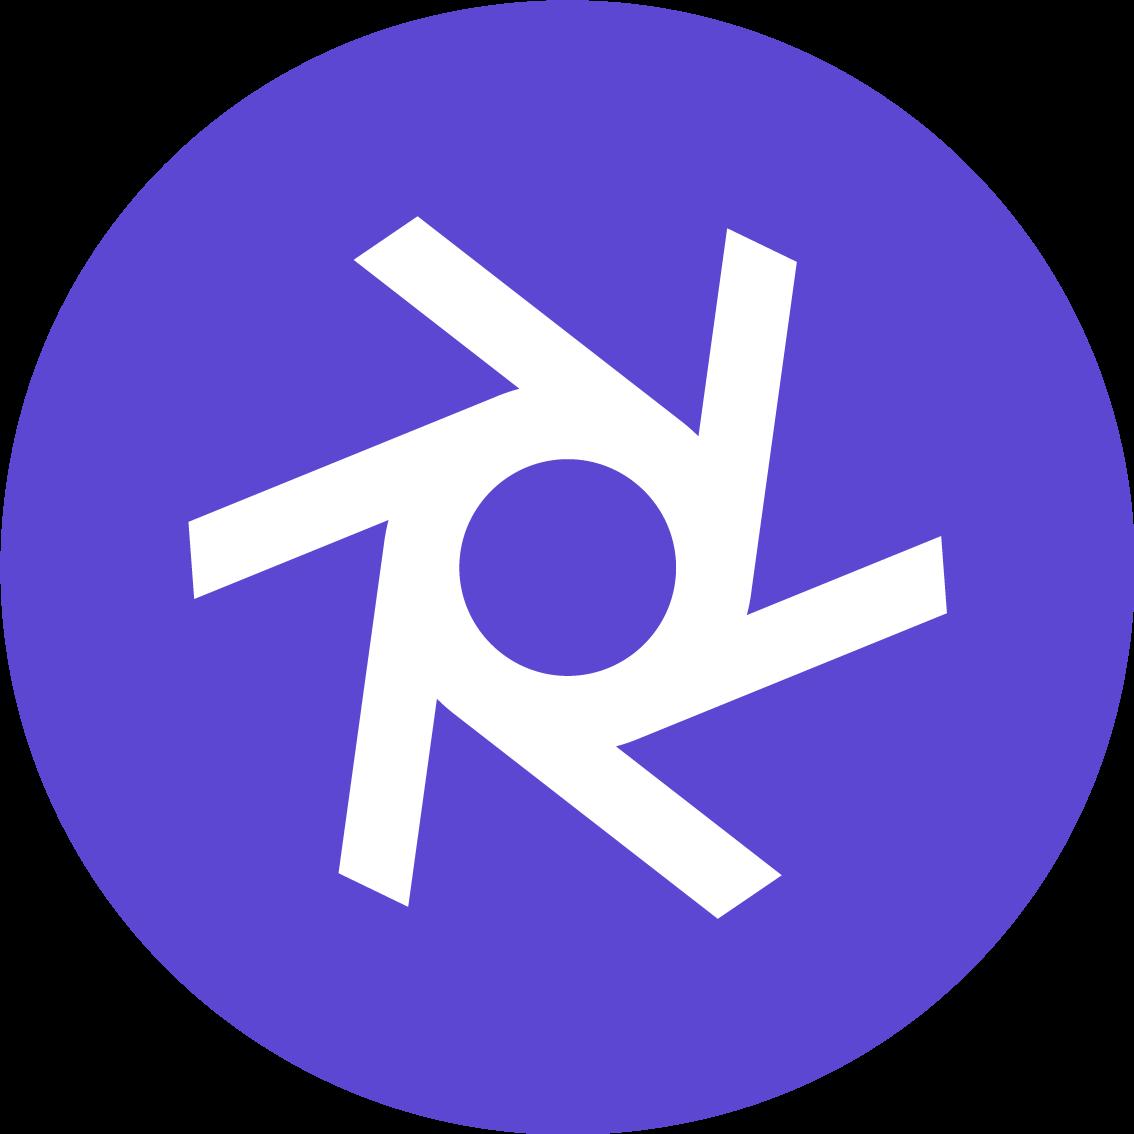 Le Reacteur logo